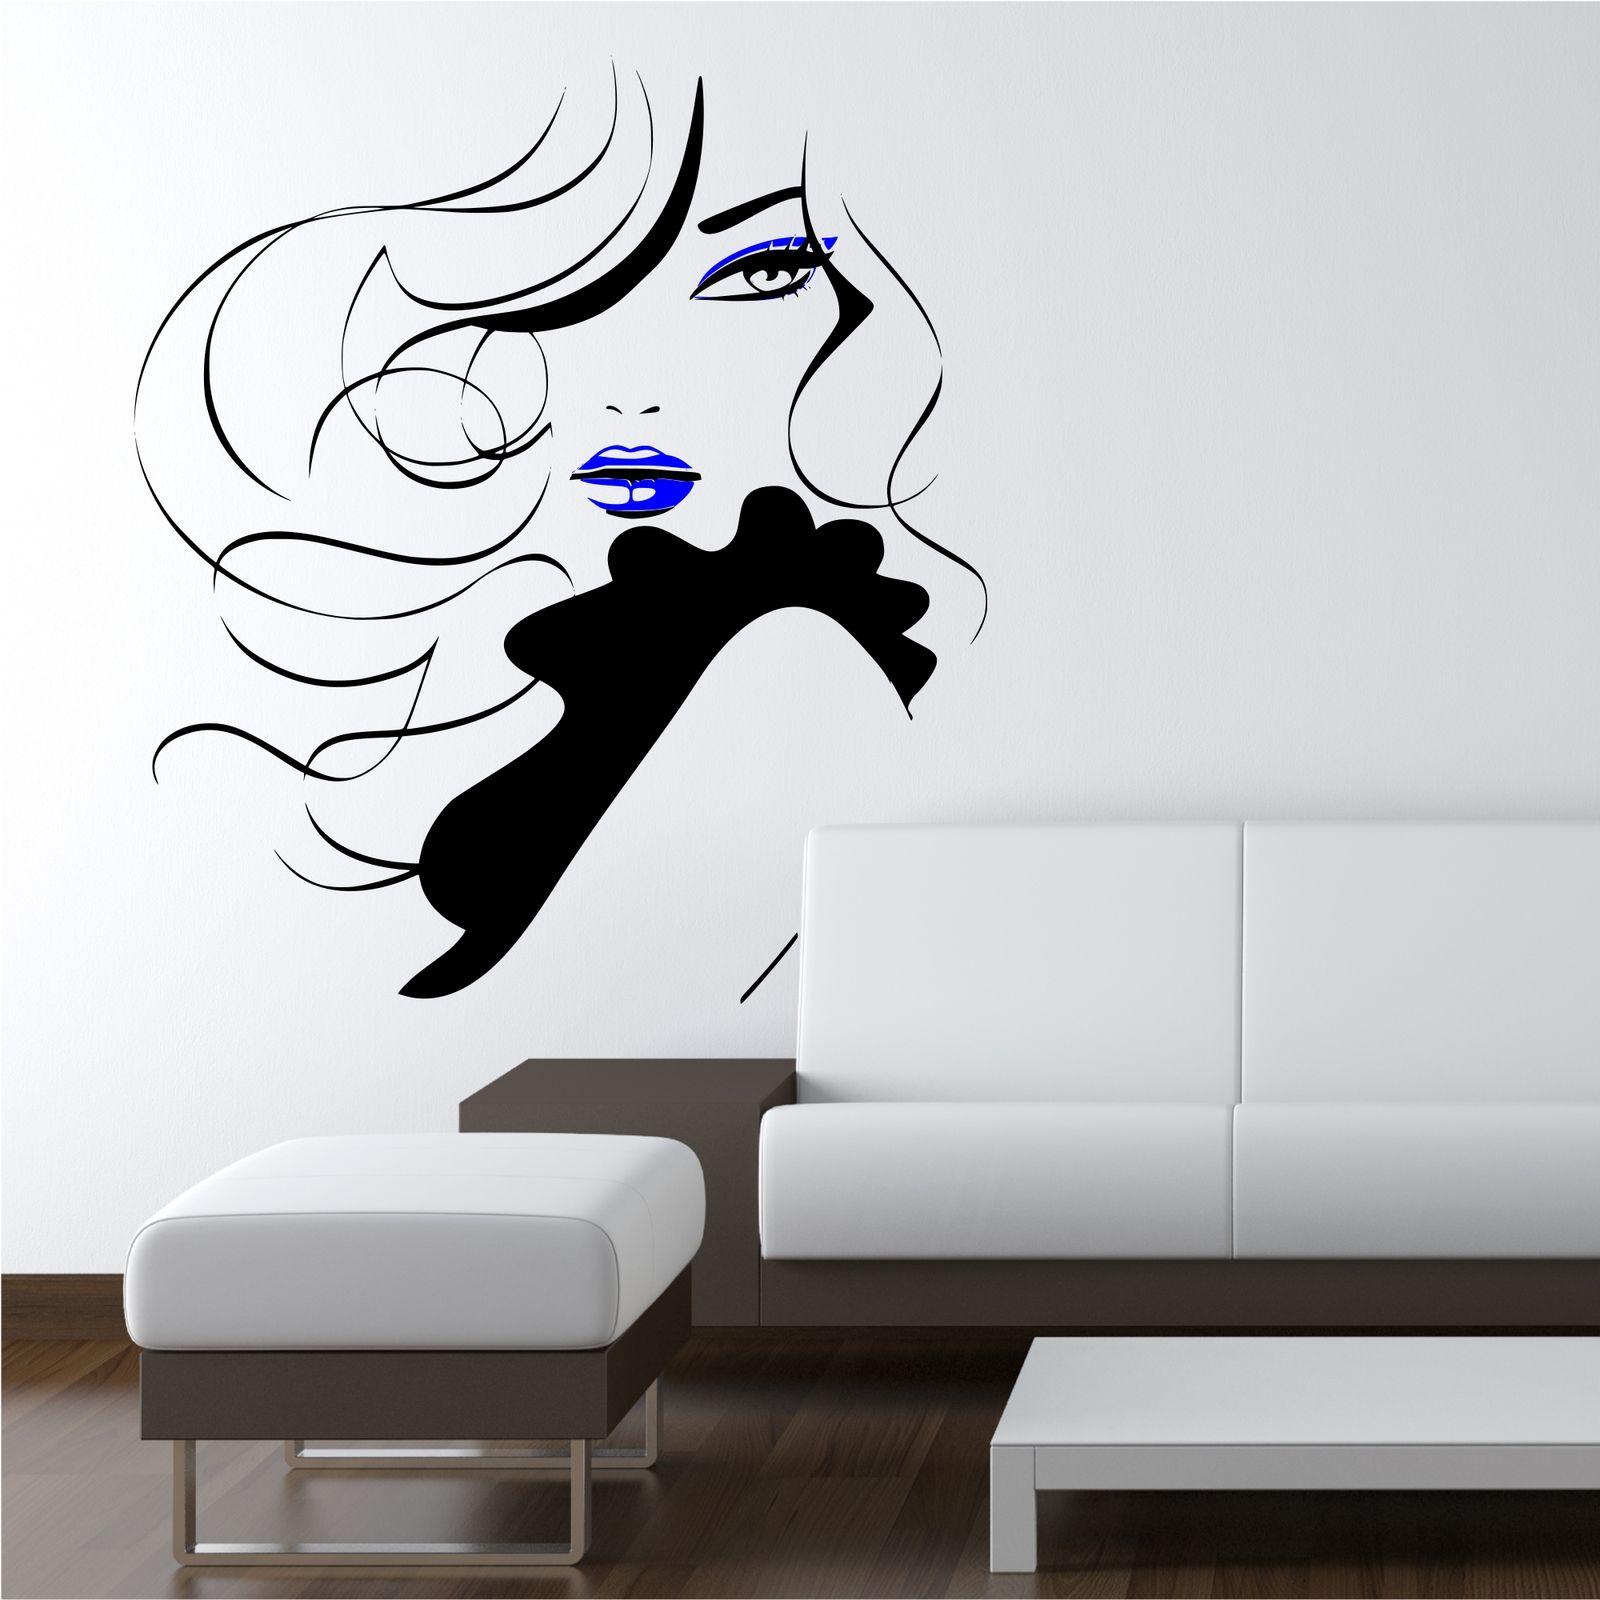 Wall Art Murals Decals Stickers Pin Up Girl Women Modern Hair Salon Wall Sticker Decal